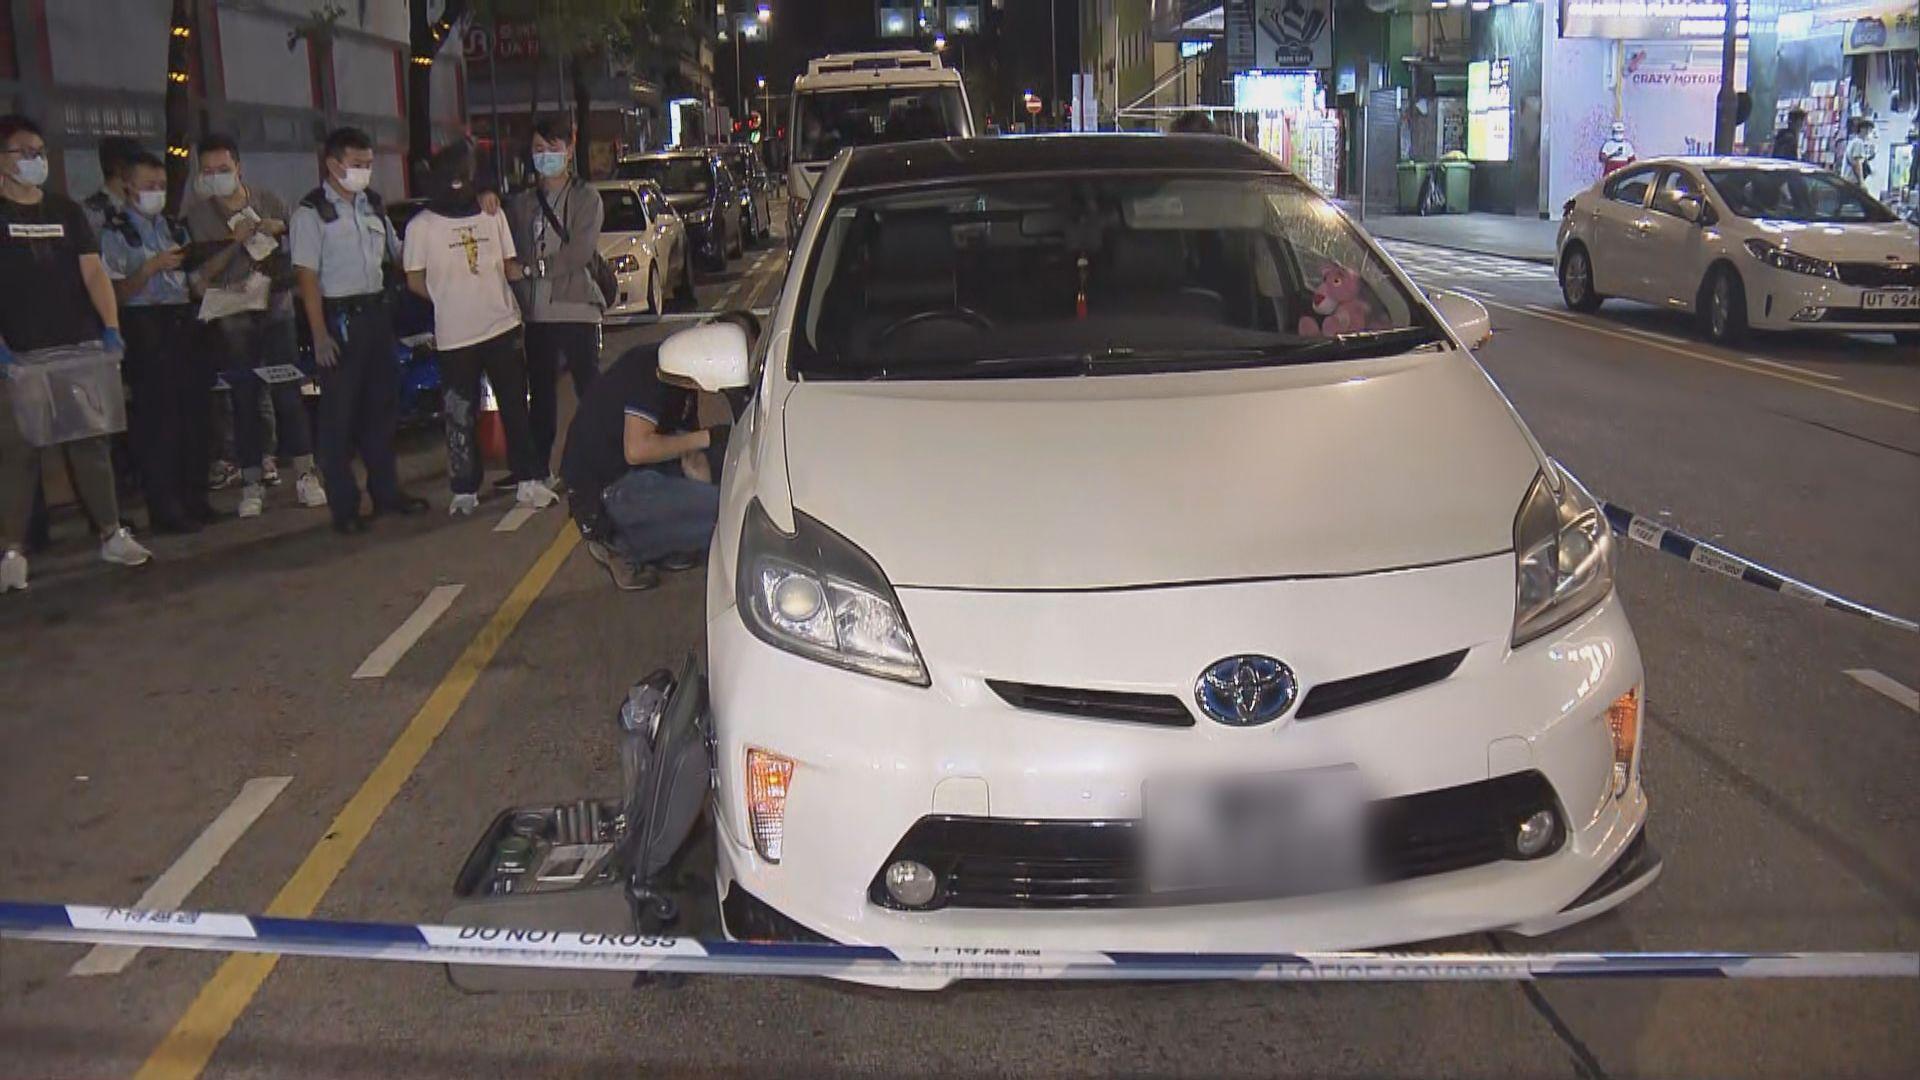 警方旺角查私家車搜出約值十萬元懷疑毒品 司機被捕